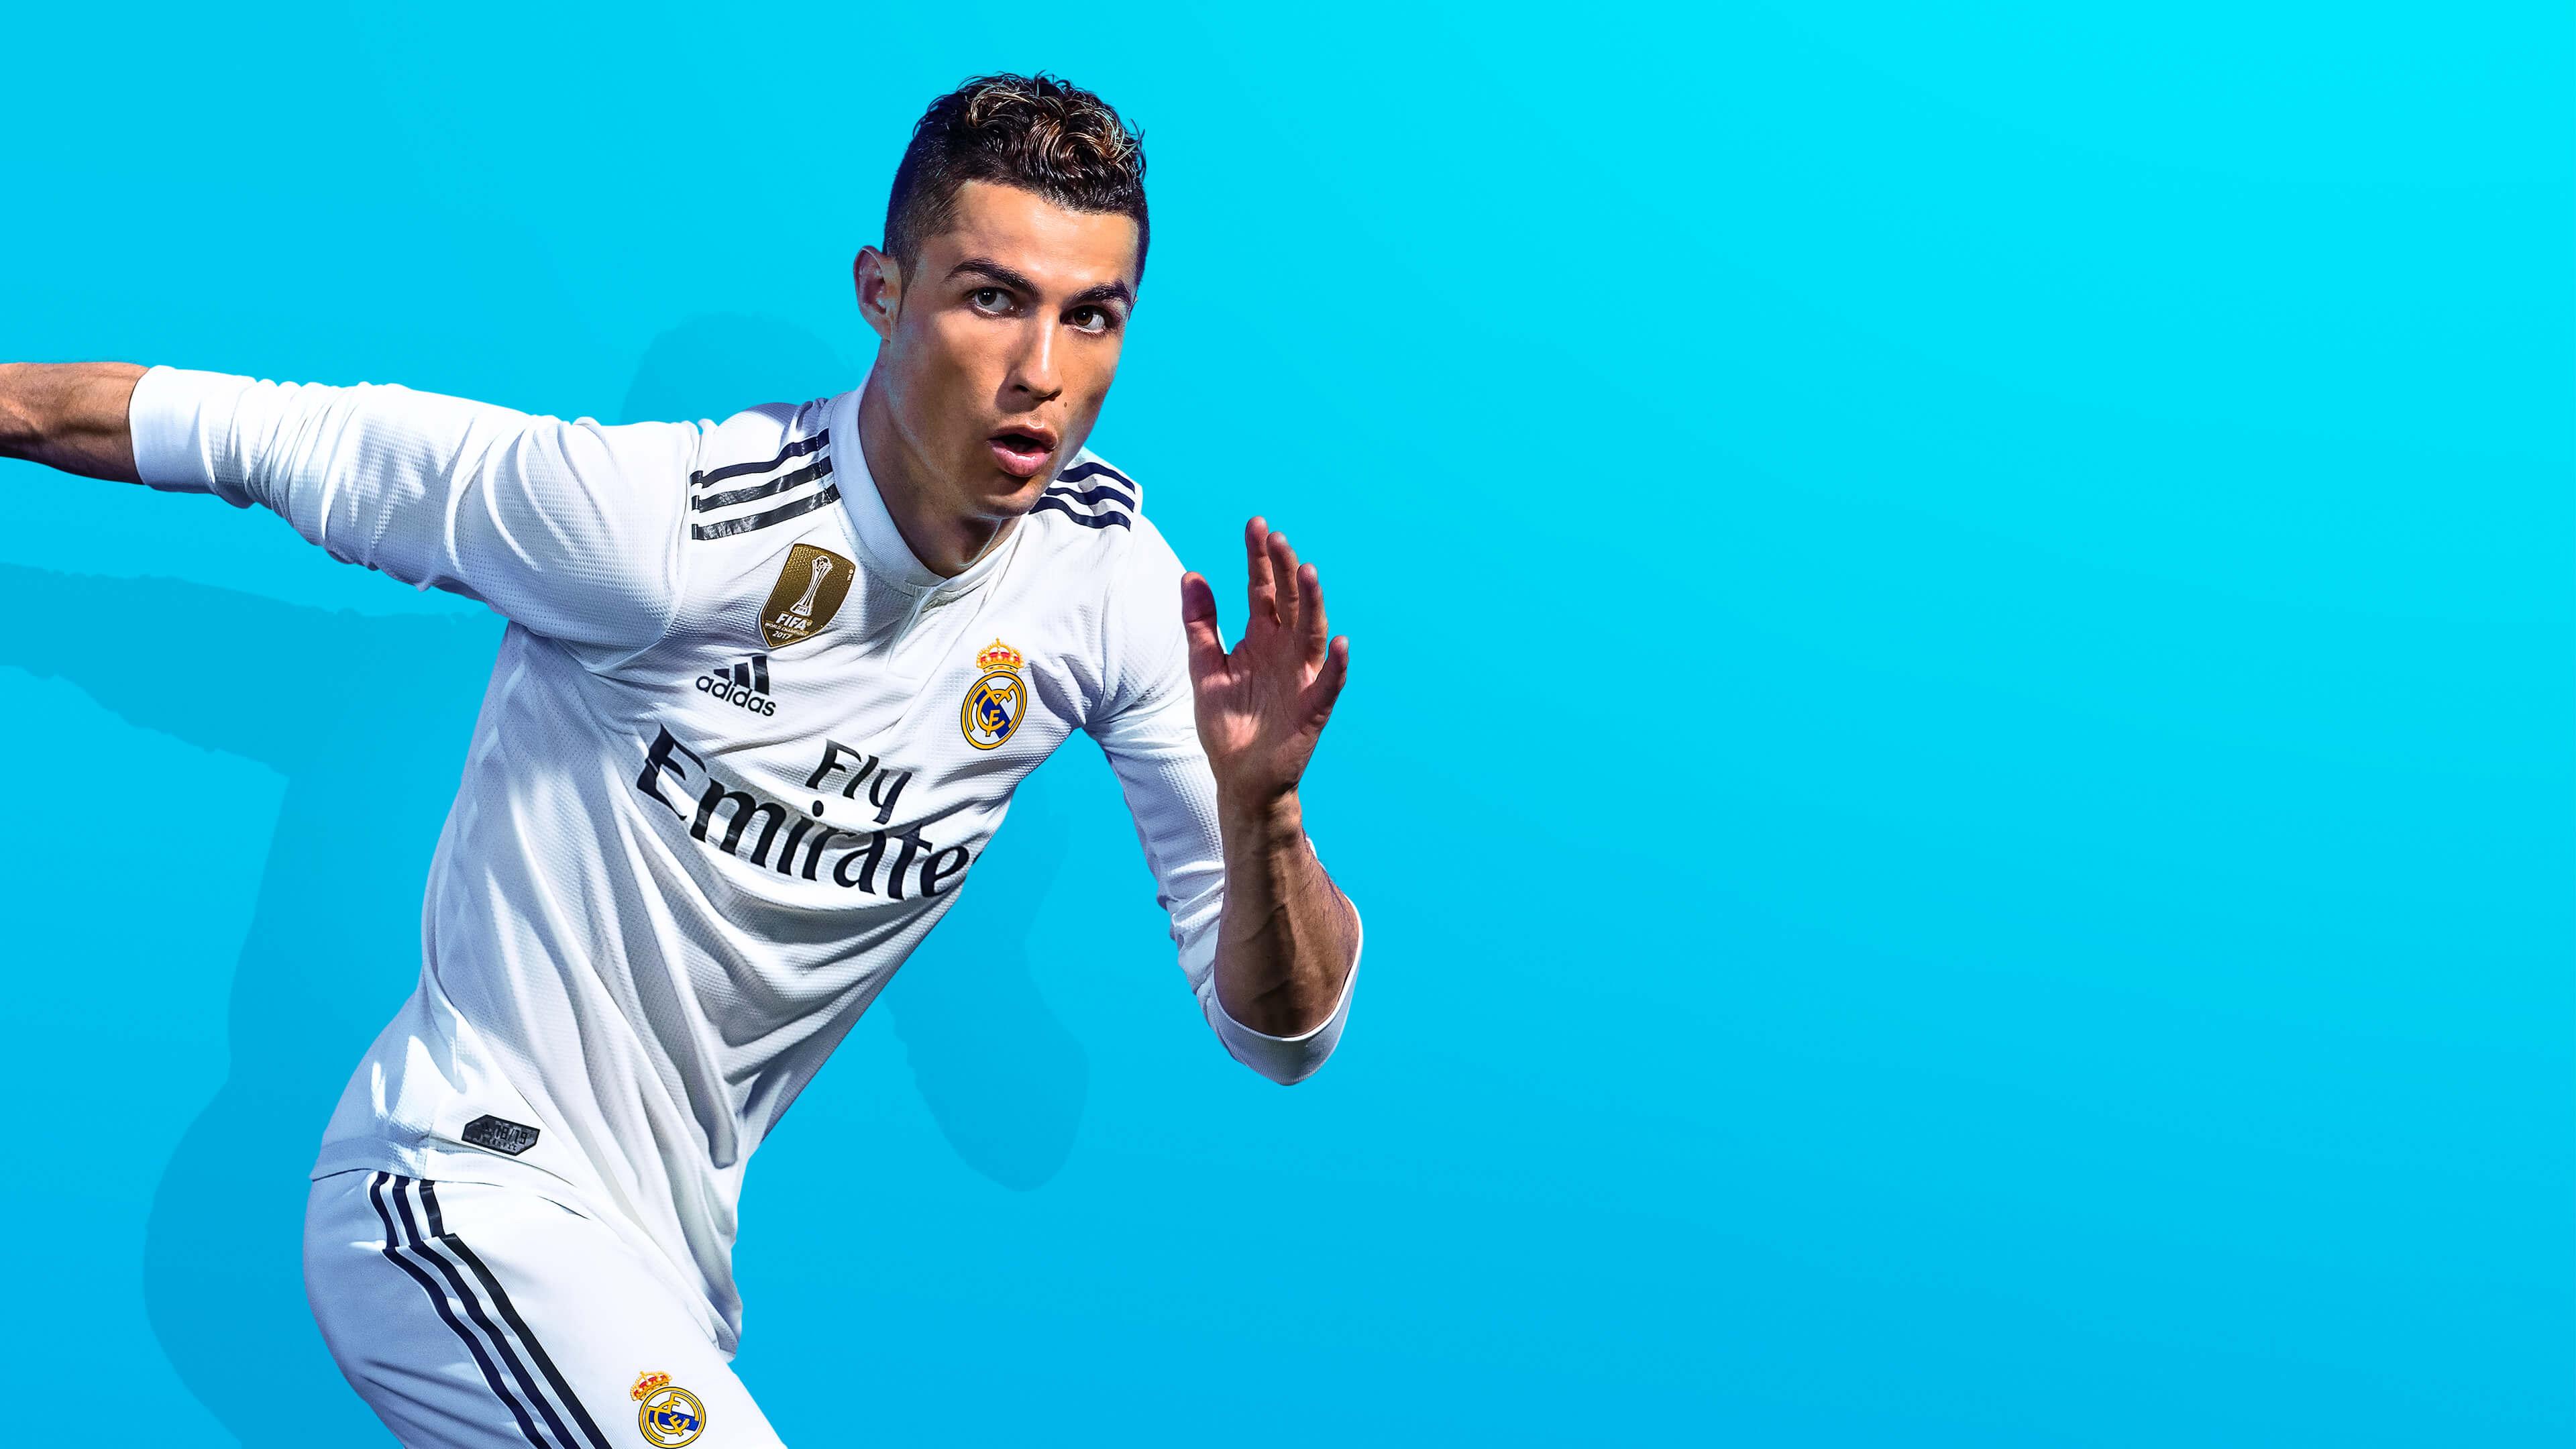 Wallpaper Cristiano Ronaldo Fifa  K Games